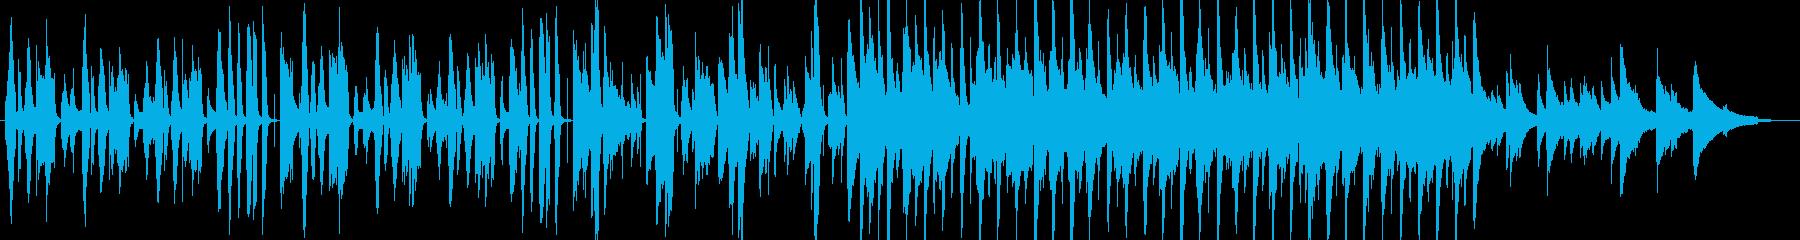 ピアノと鍵盤ハーモニカによる軽快なジャズの再生済みの波形